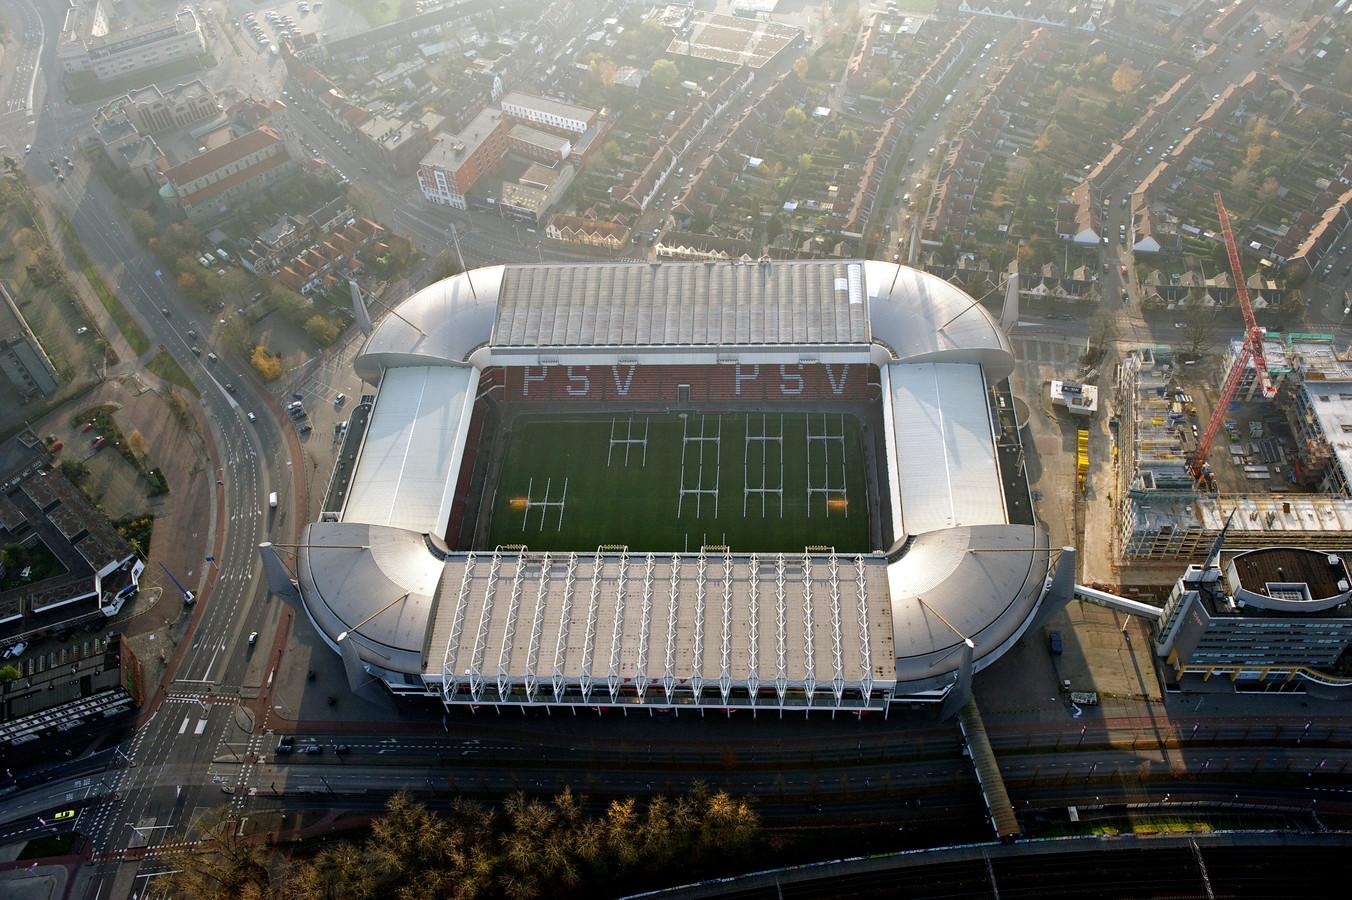 Het Philips Stadion in 2020 van bovenaf gezien.